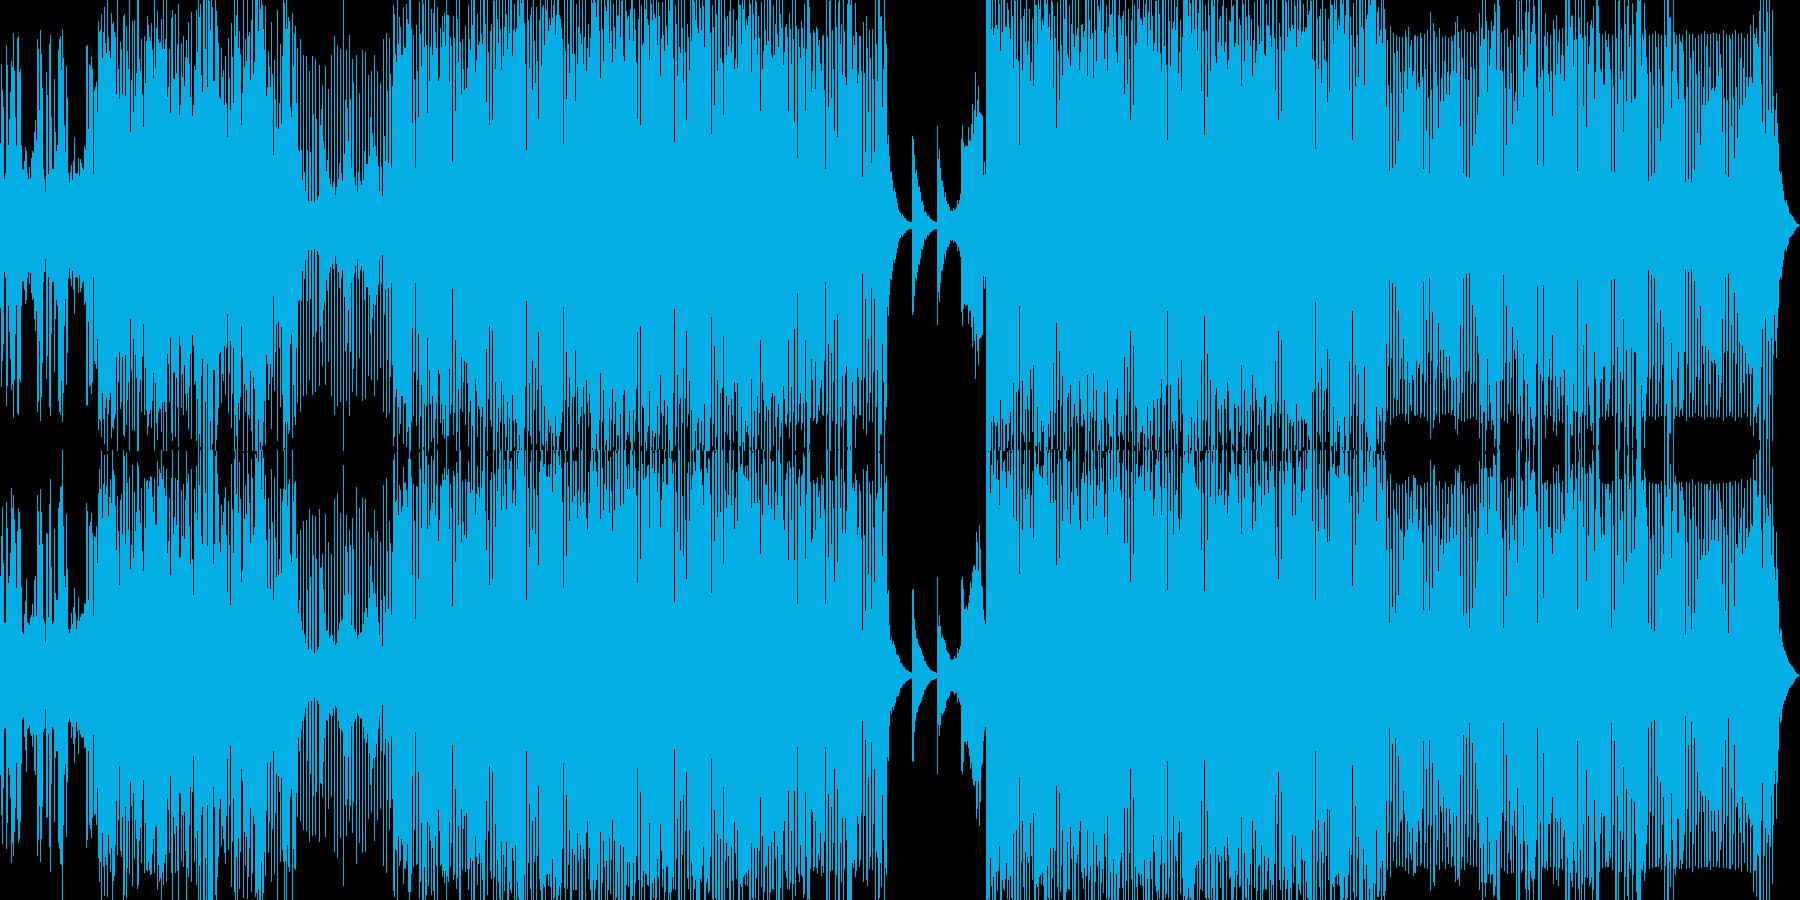 【ミステリアス】ディープなテックハウスの再生済みの波形